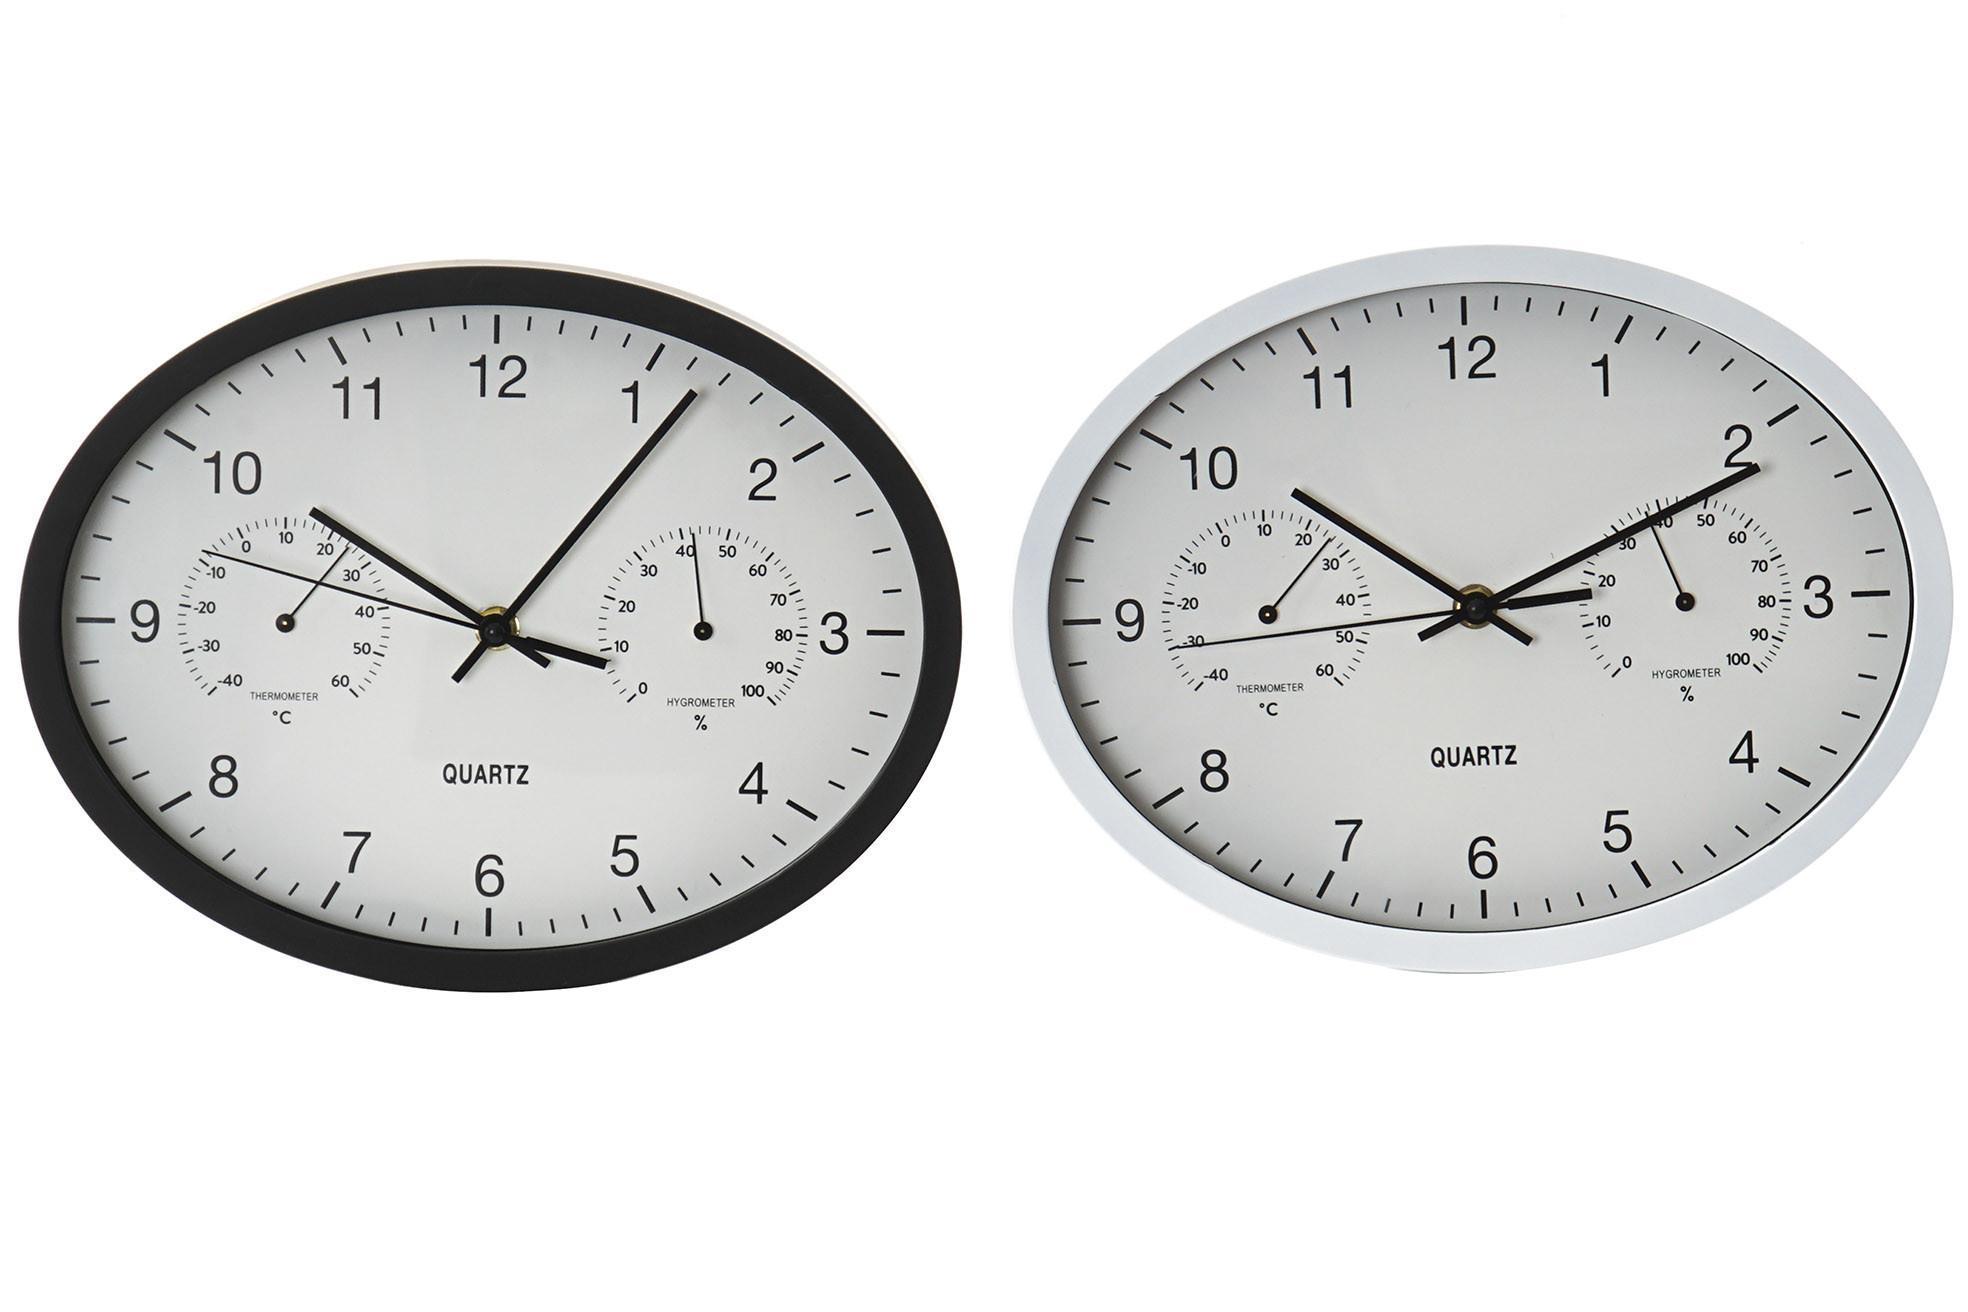 7c9d99c66 Reloj Pared Analógico Ovalado, con Temperatura y Humedad. 2 Modelos a elegir,  Diseño Moderno/Original 29X4X23 cm - Hogar y más